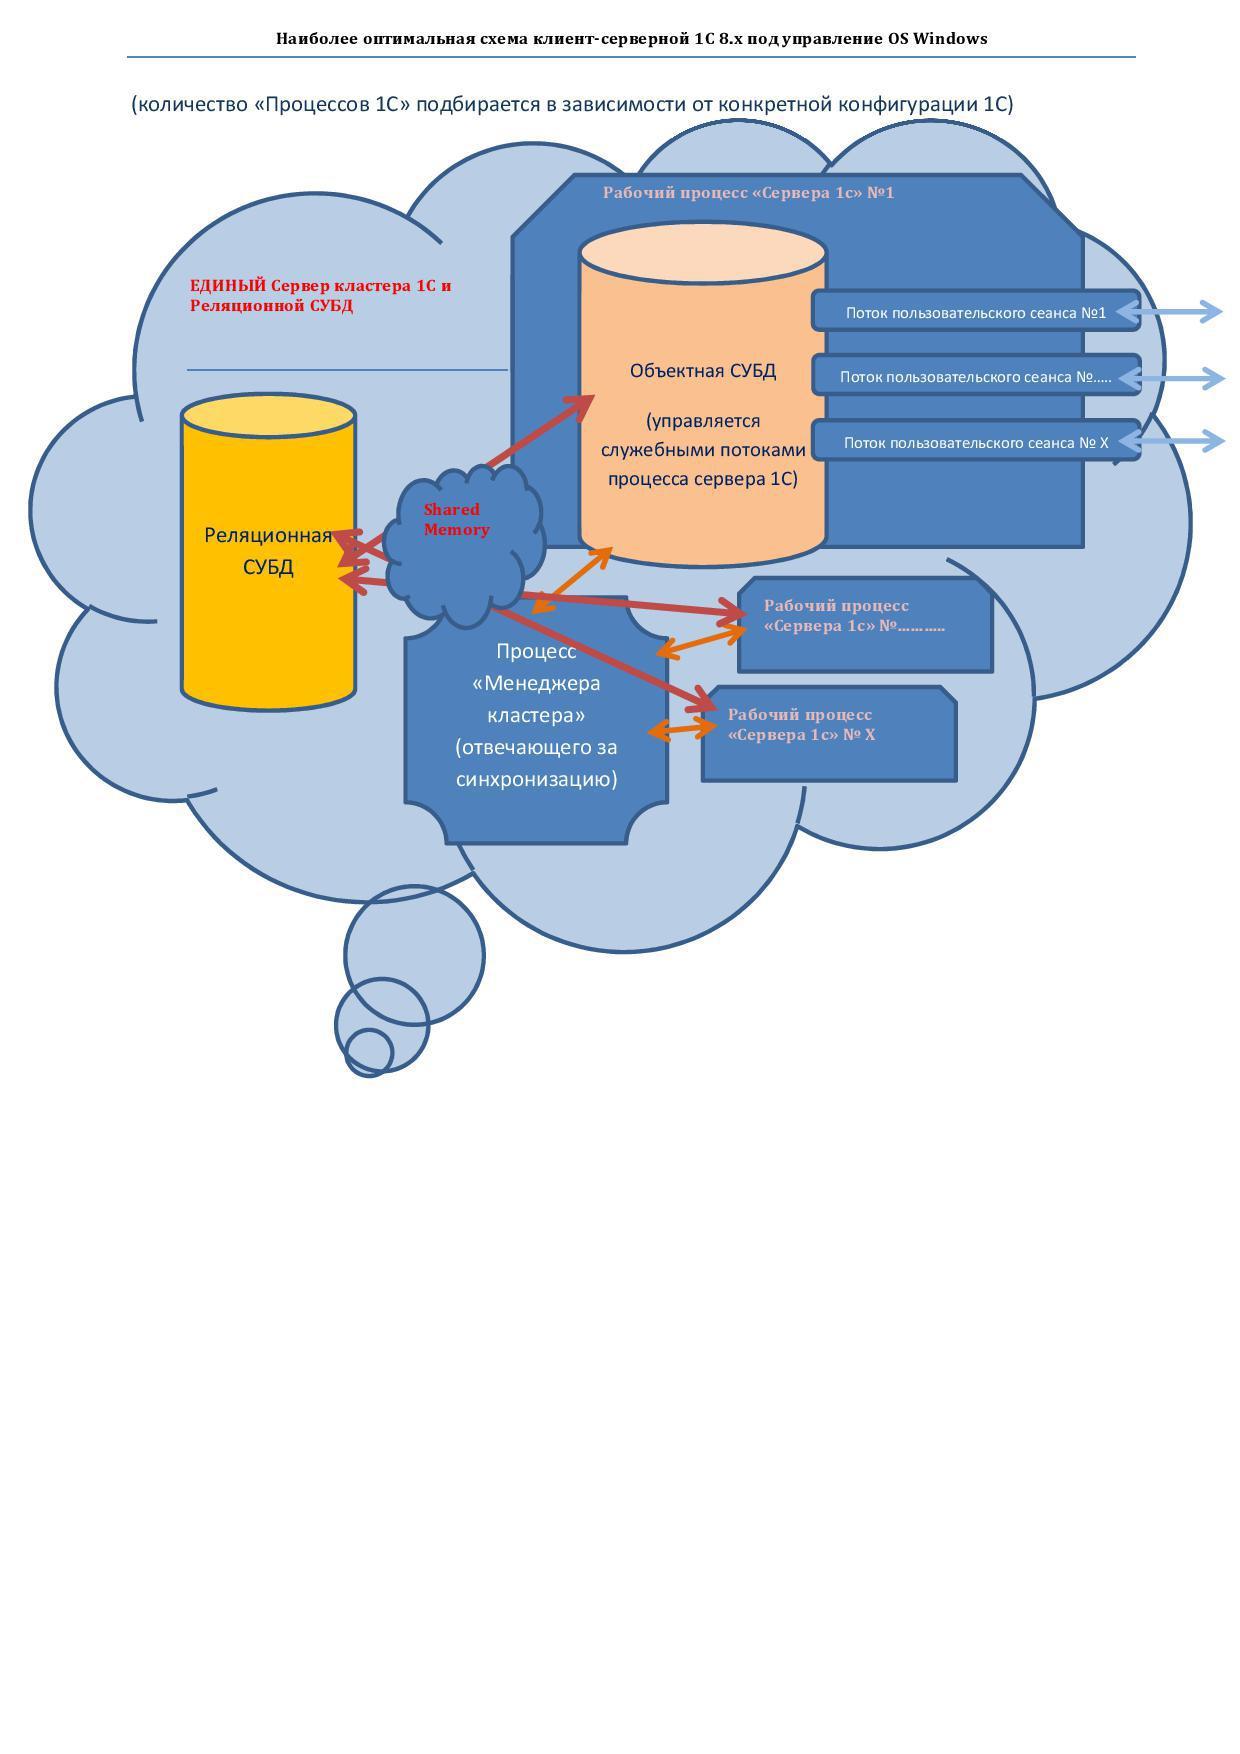 Максимально эффективная по скорости работы — серверная схема, для клиент-серверной 1С 8.х - 4